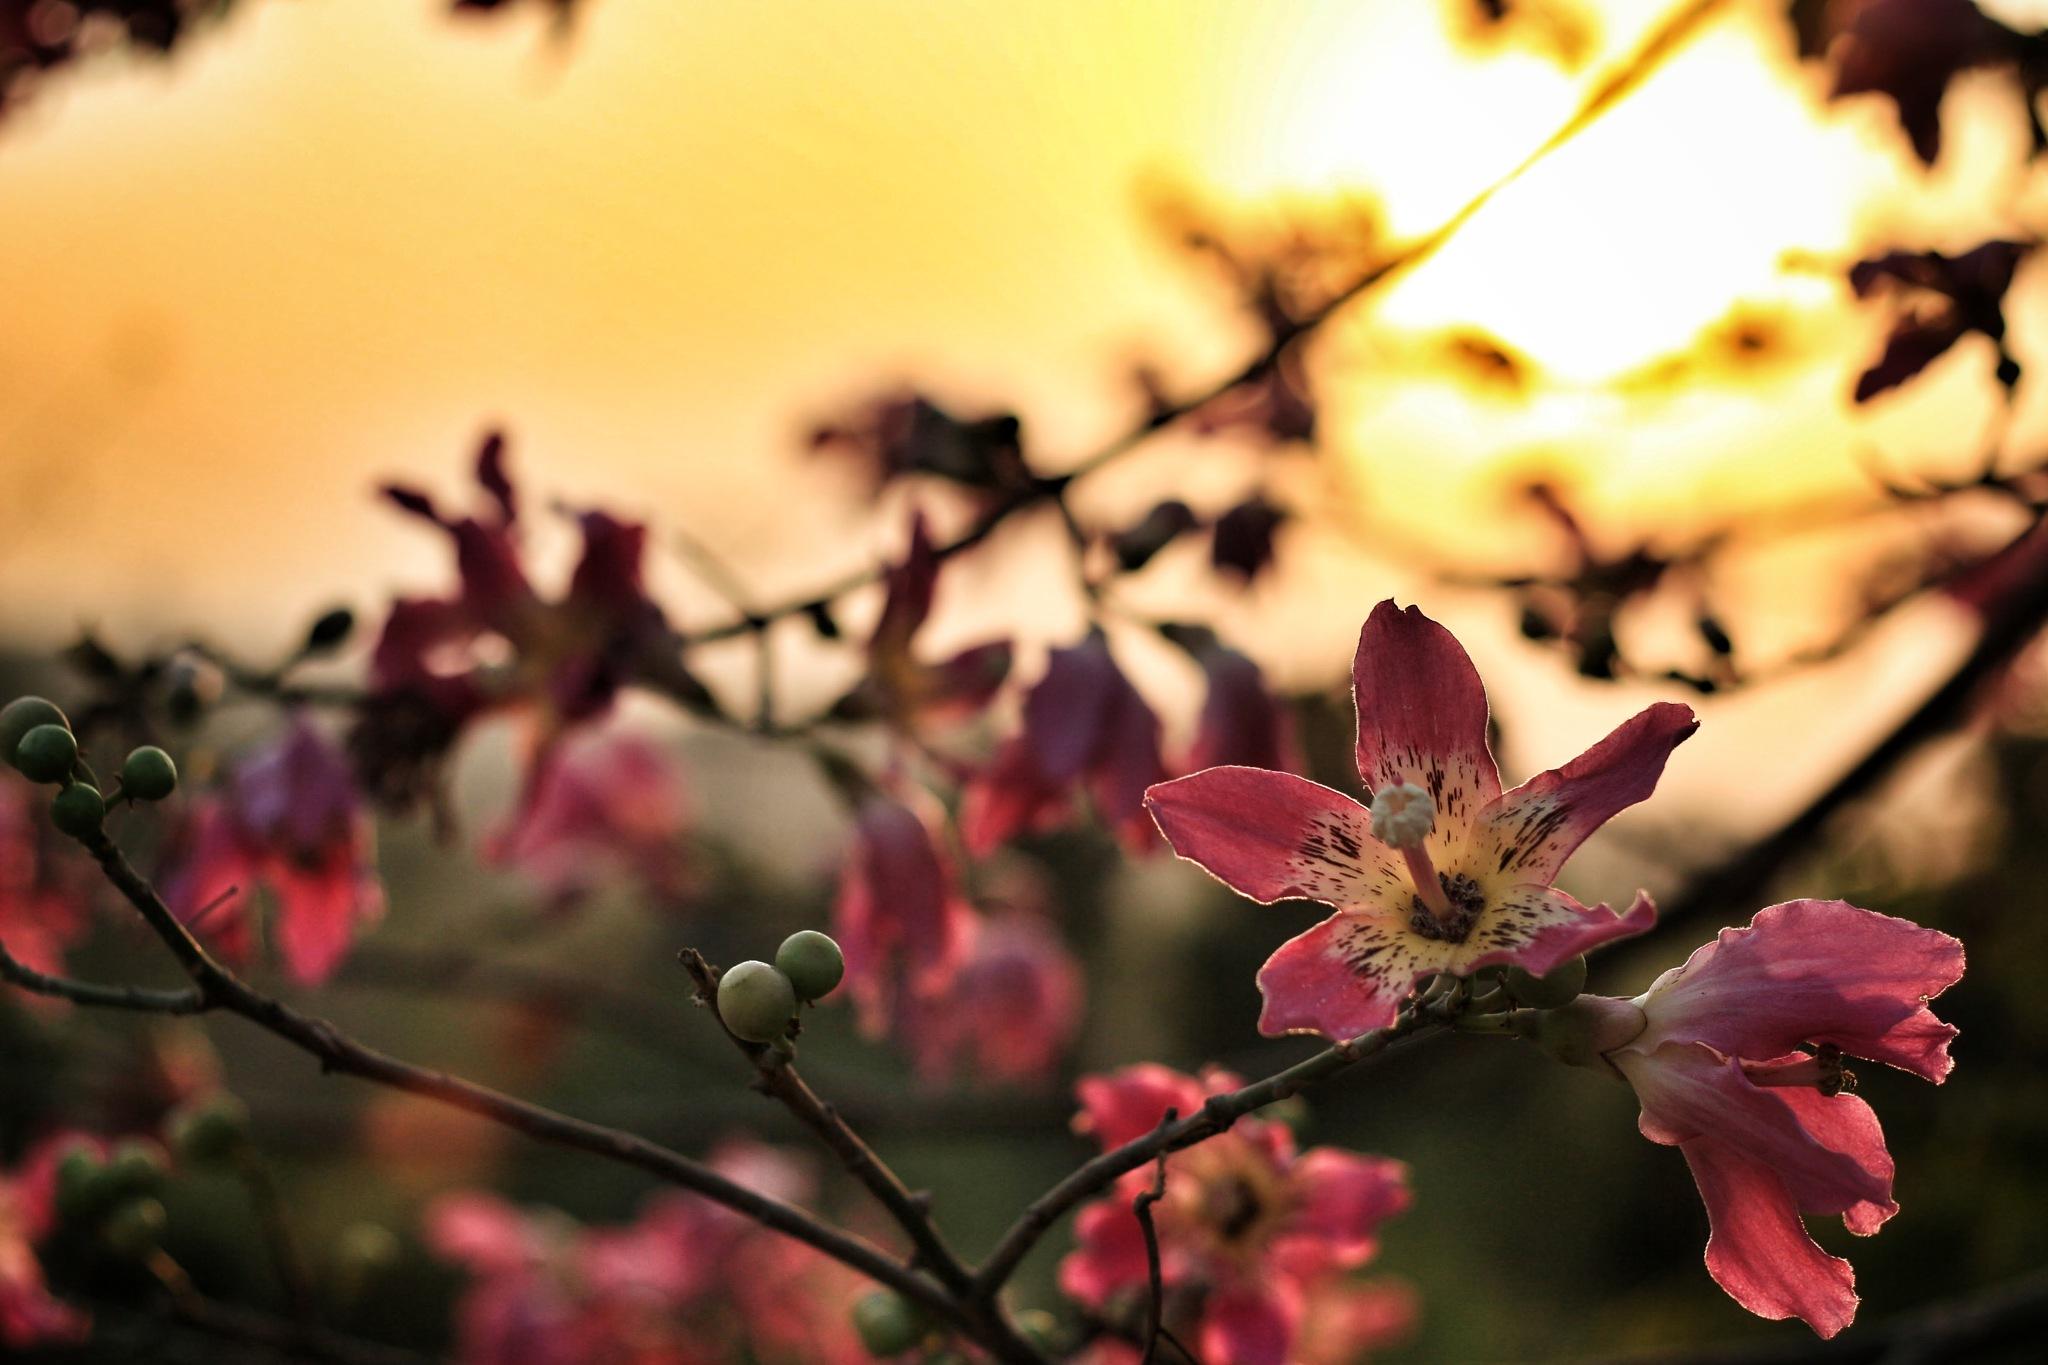 bloom by Adnan A. Khan